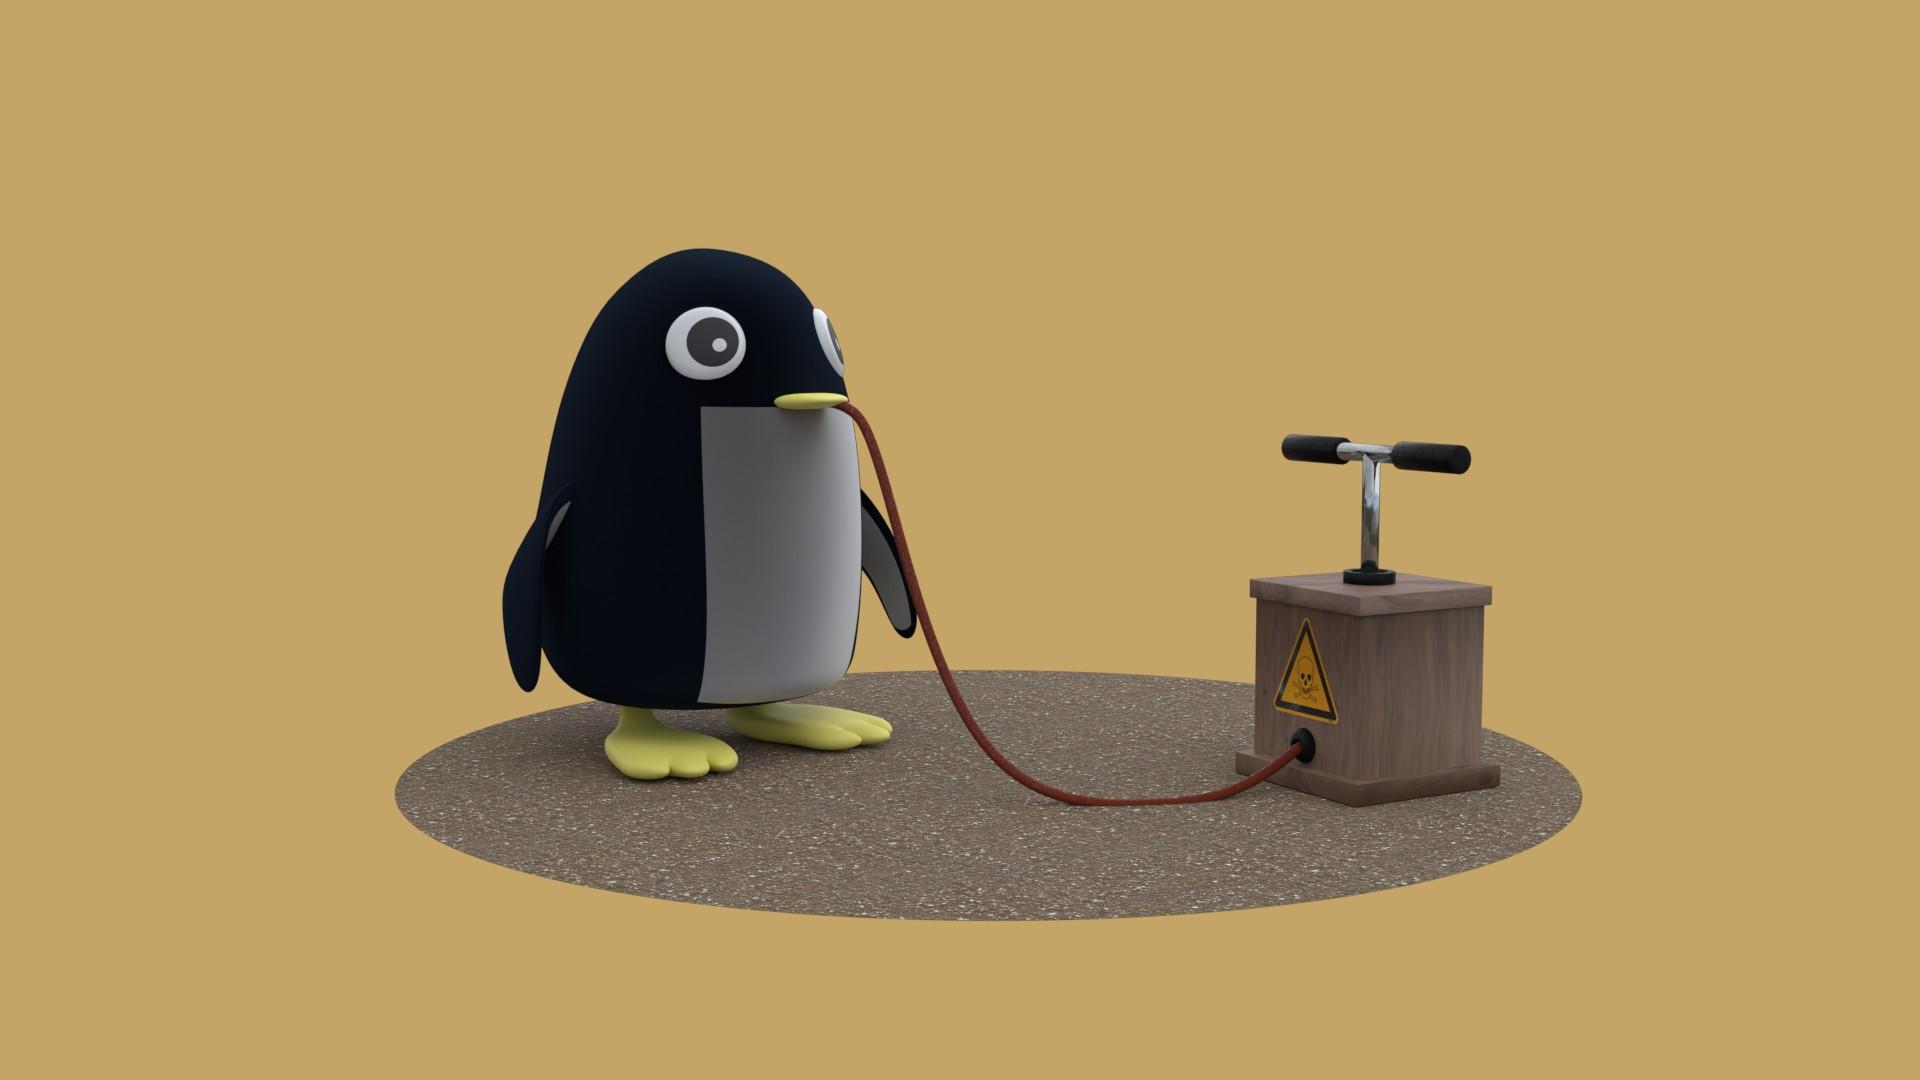 起爆装置につながれたペンギン